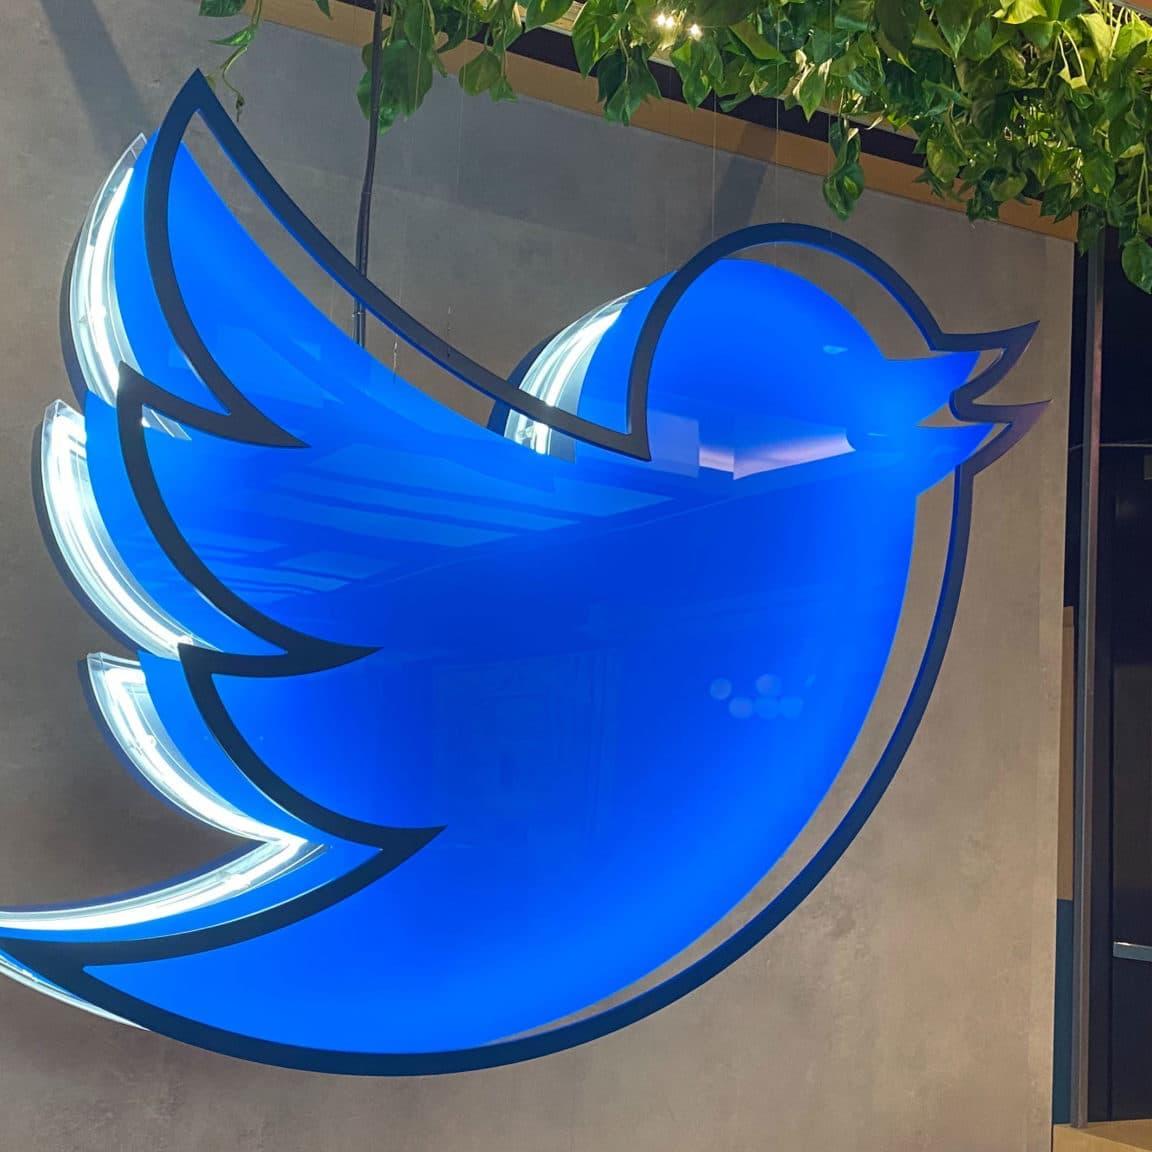 تويتر يتعثر.. عطل أصابه وأزعج المغردين